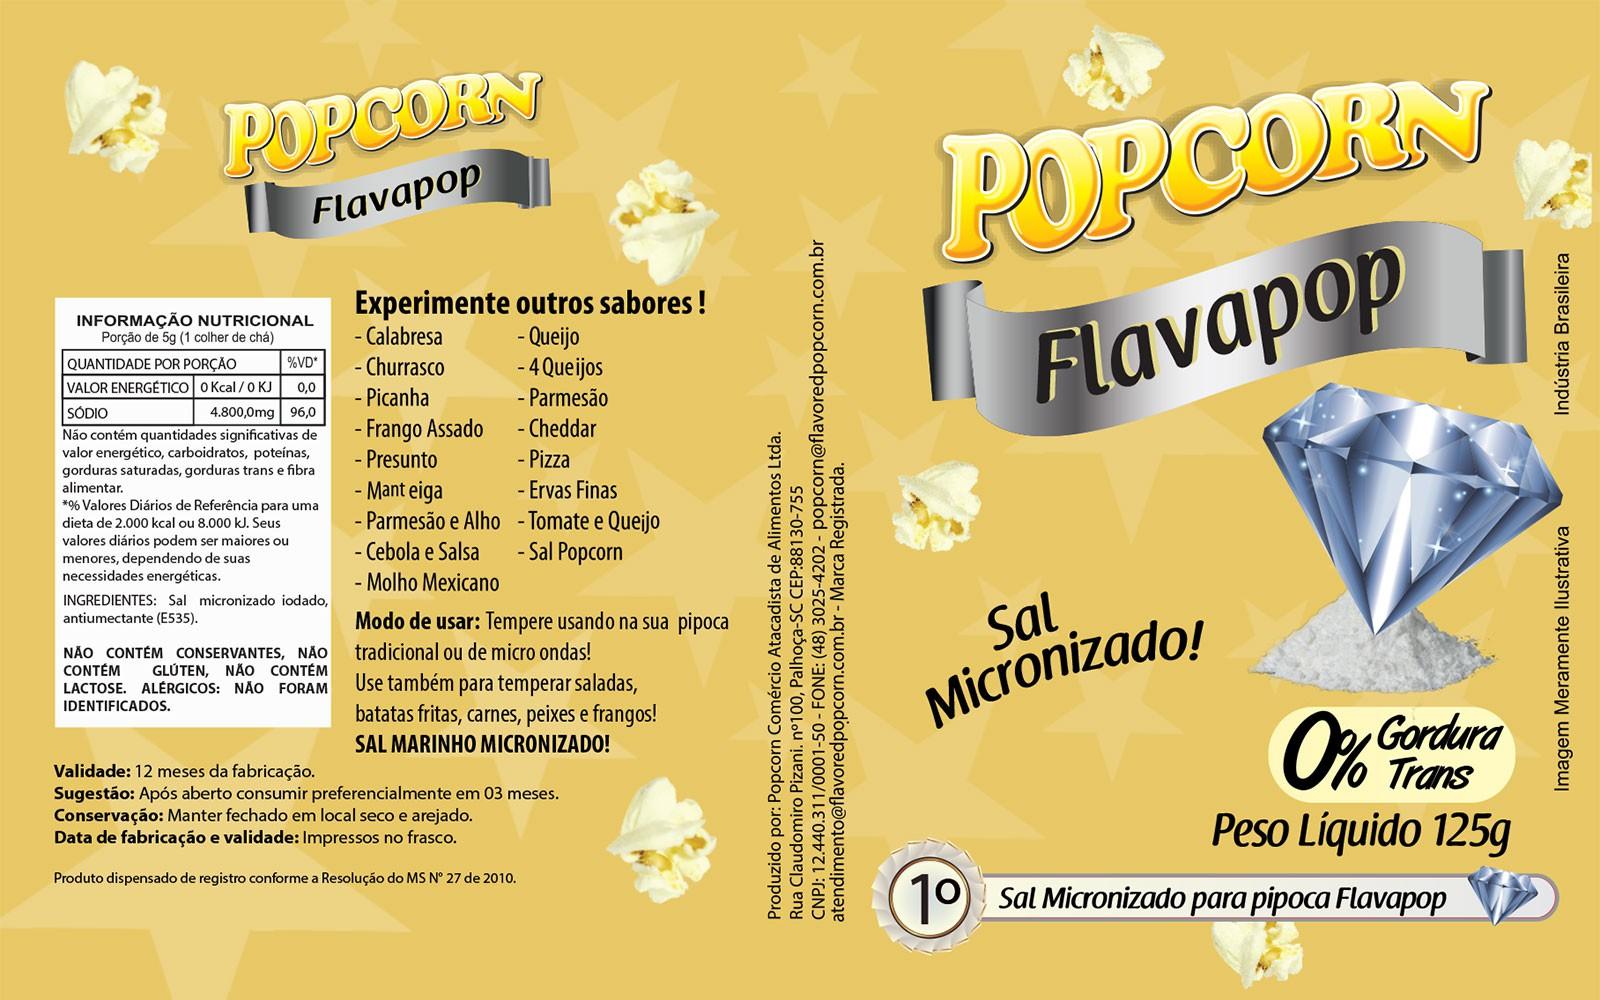 FLAVAPOP - Original de cinema -  Sal Micronizado Popcorn  - Pct 1kg